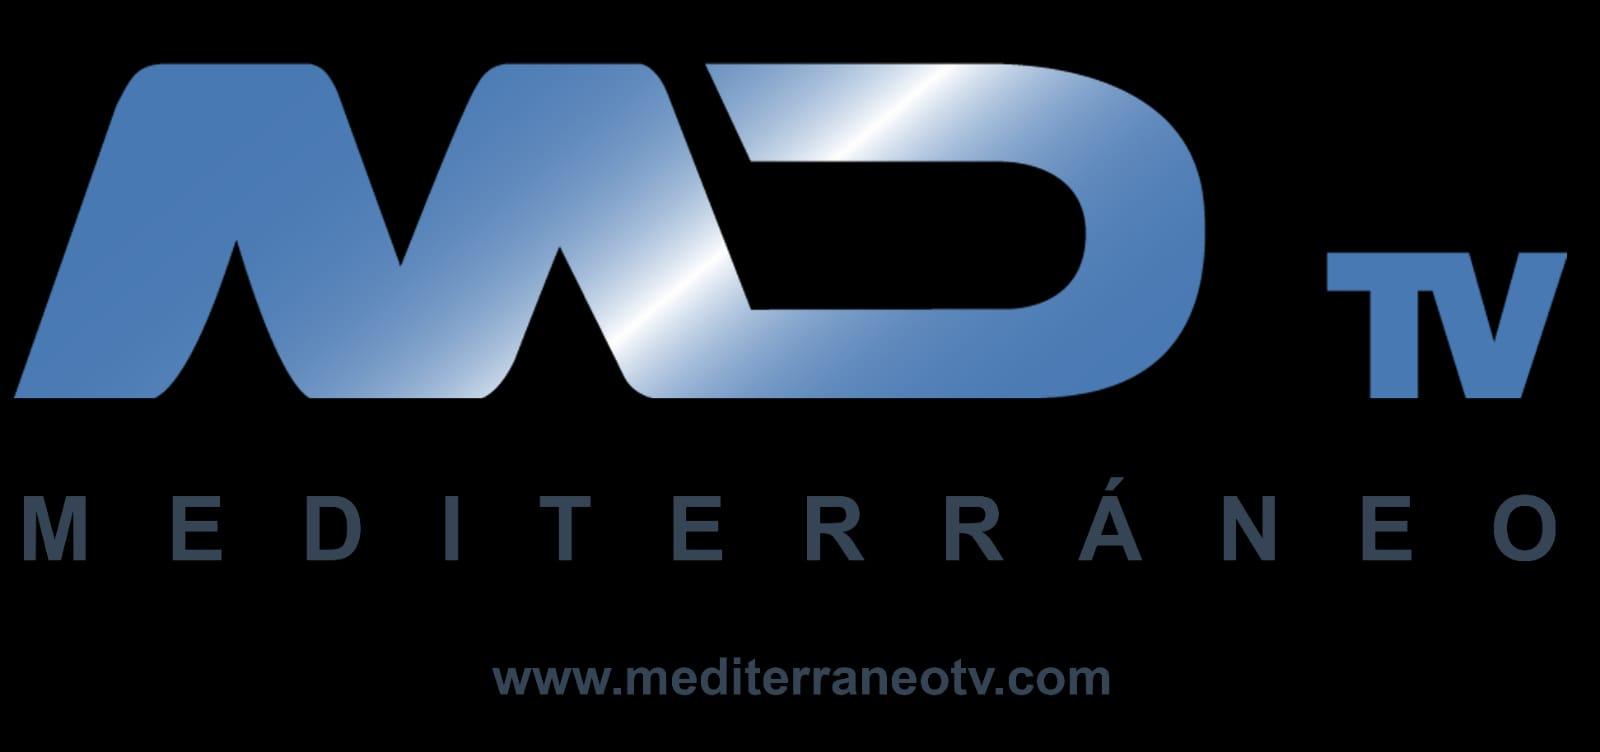 Mediterraneo TV